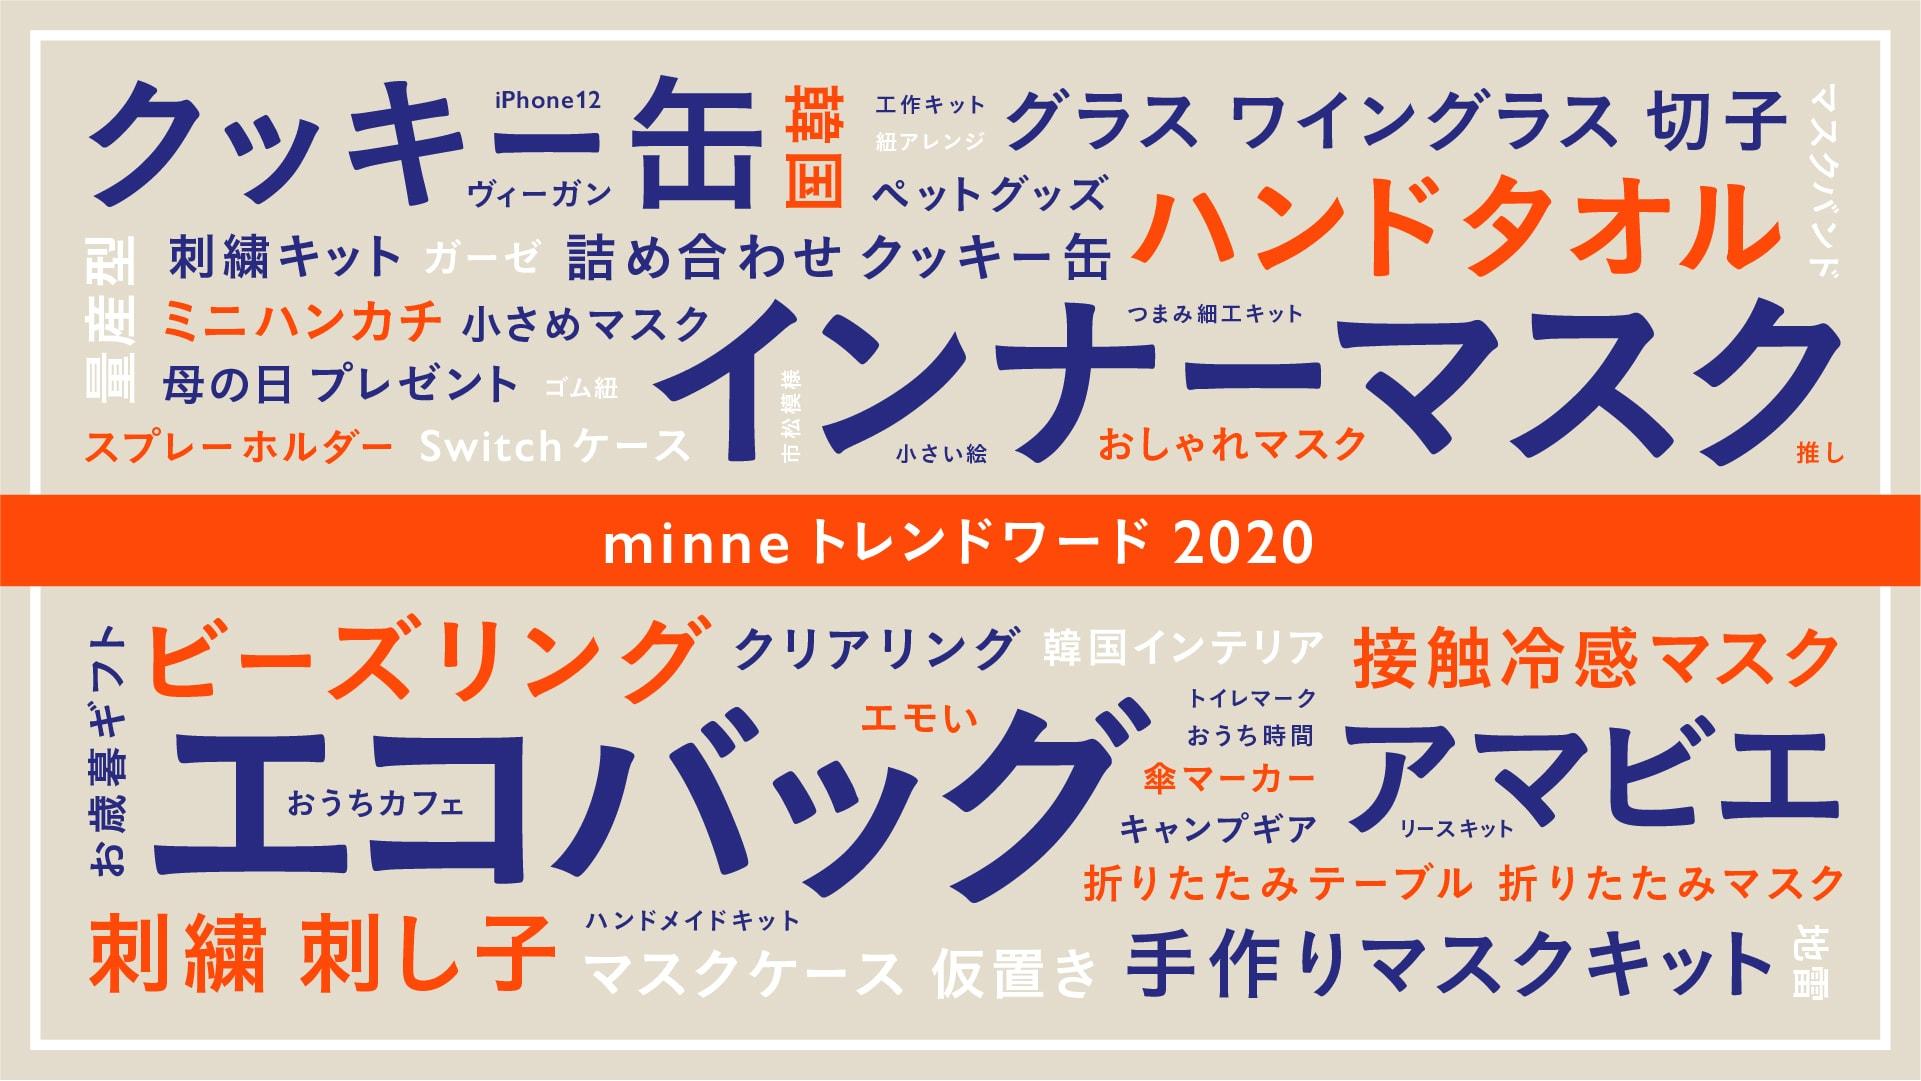 「minne」トレンドワード2020 / 検索された数に応じてキーワードが大きくレイアウトされていて、2020年のトレンドが一目で把握できるビジュアルの画像です